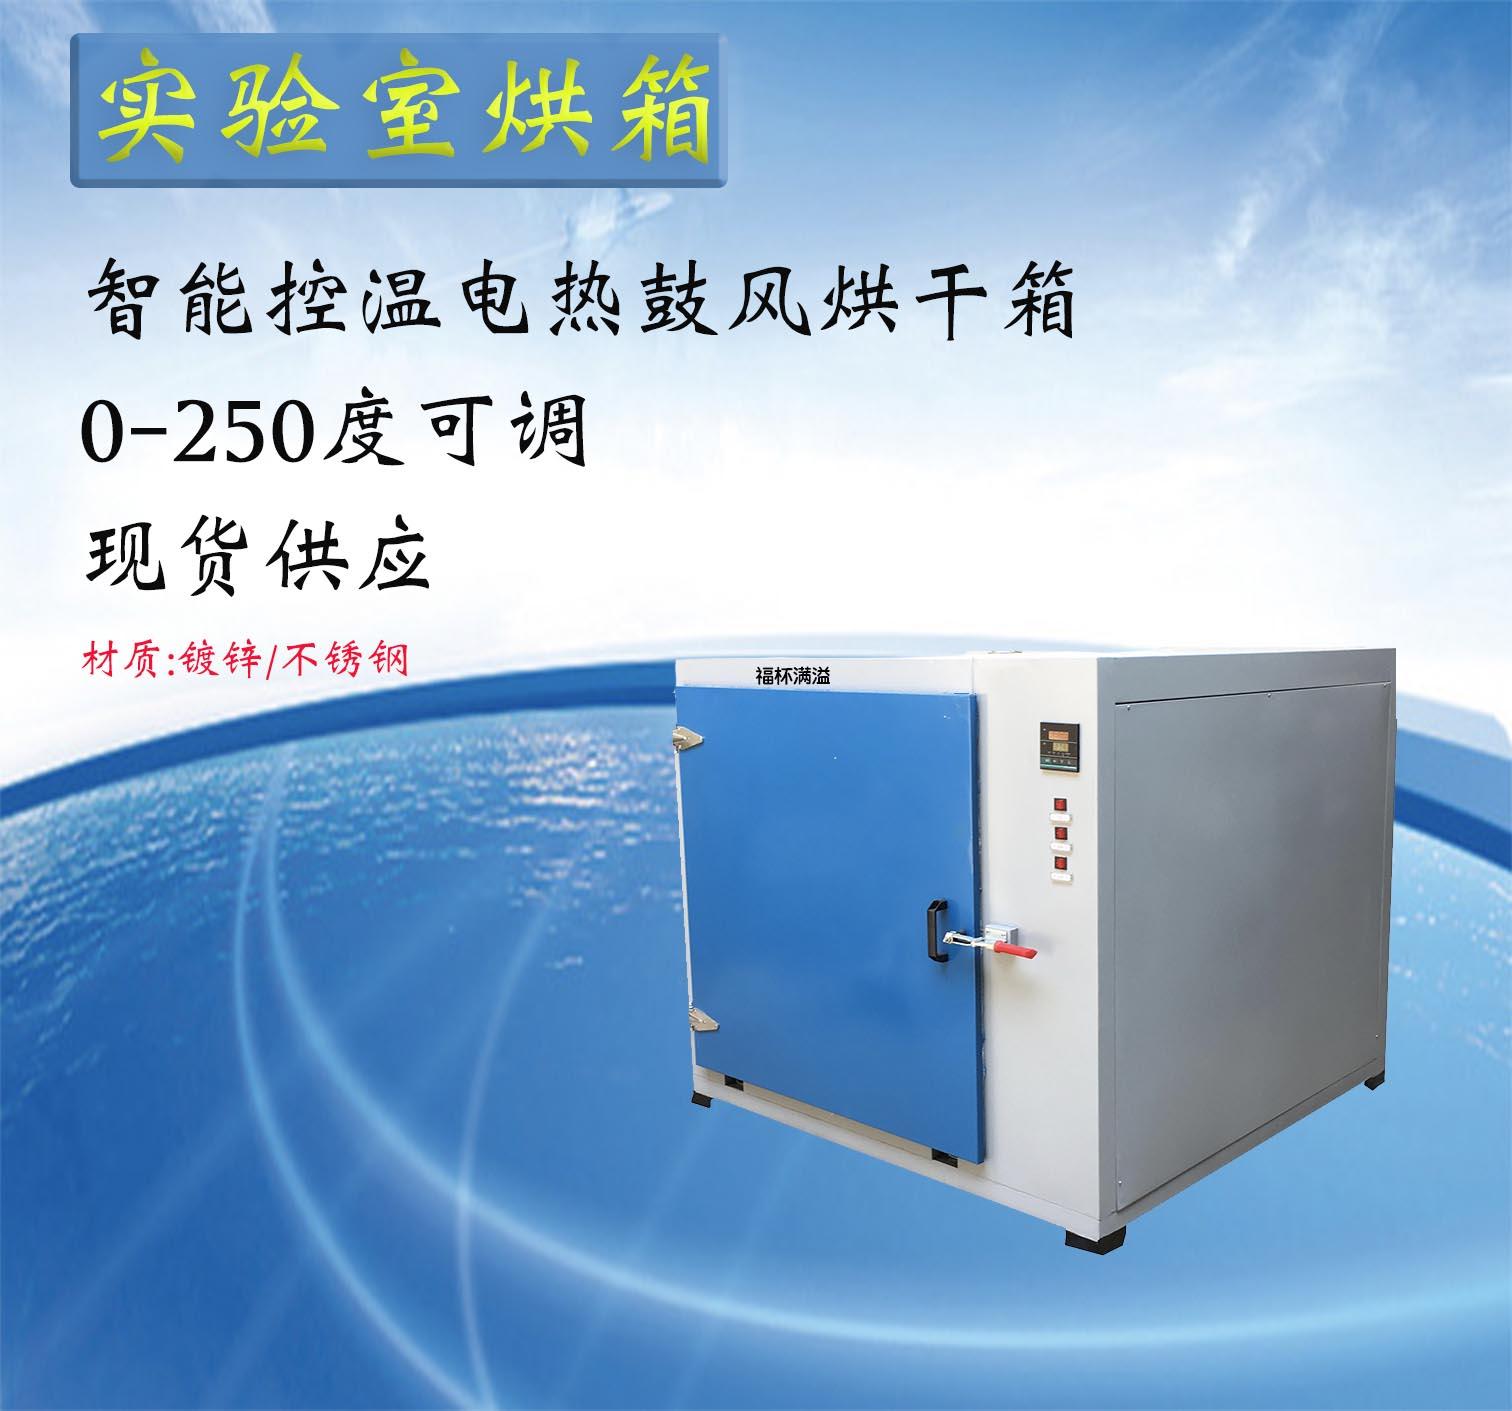 天津实验烘箱厂家 实验干燥箱 质量优异型号齐全 值得信赖